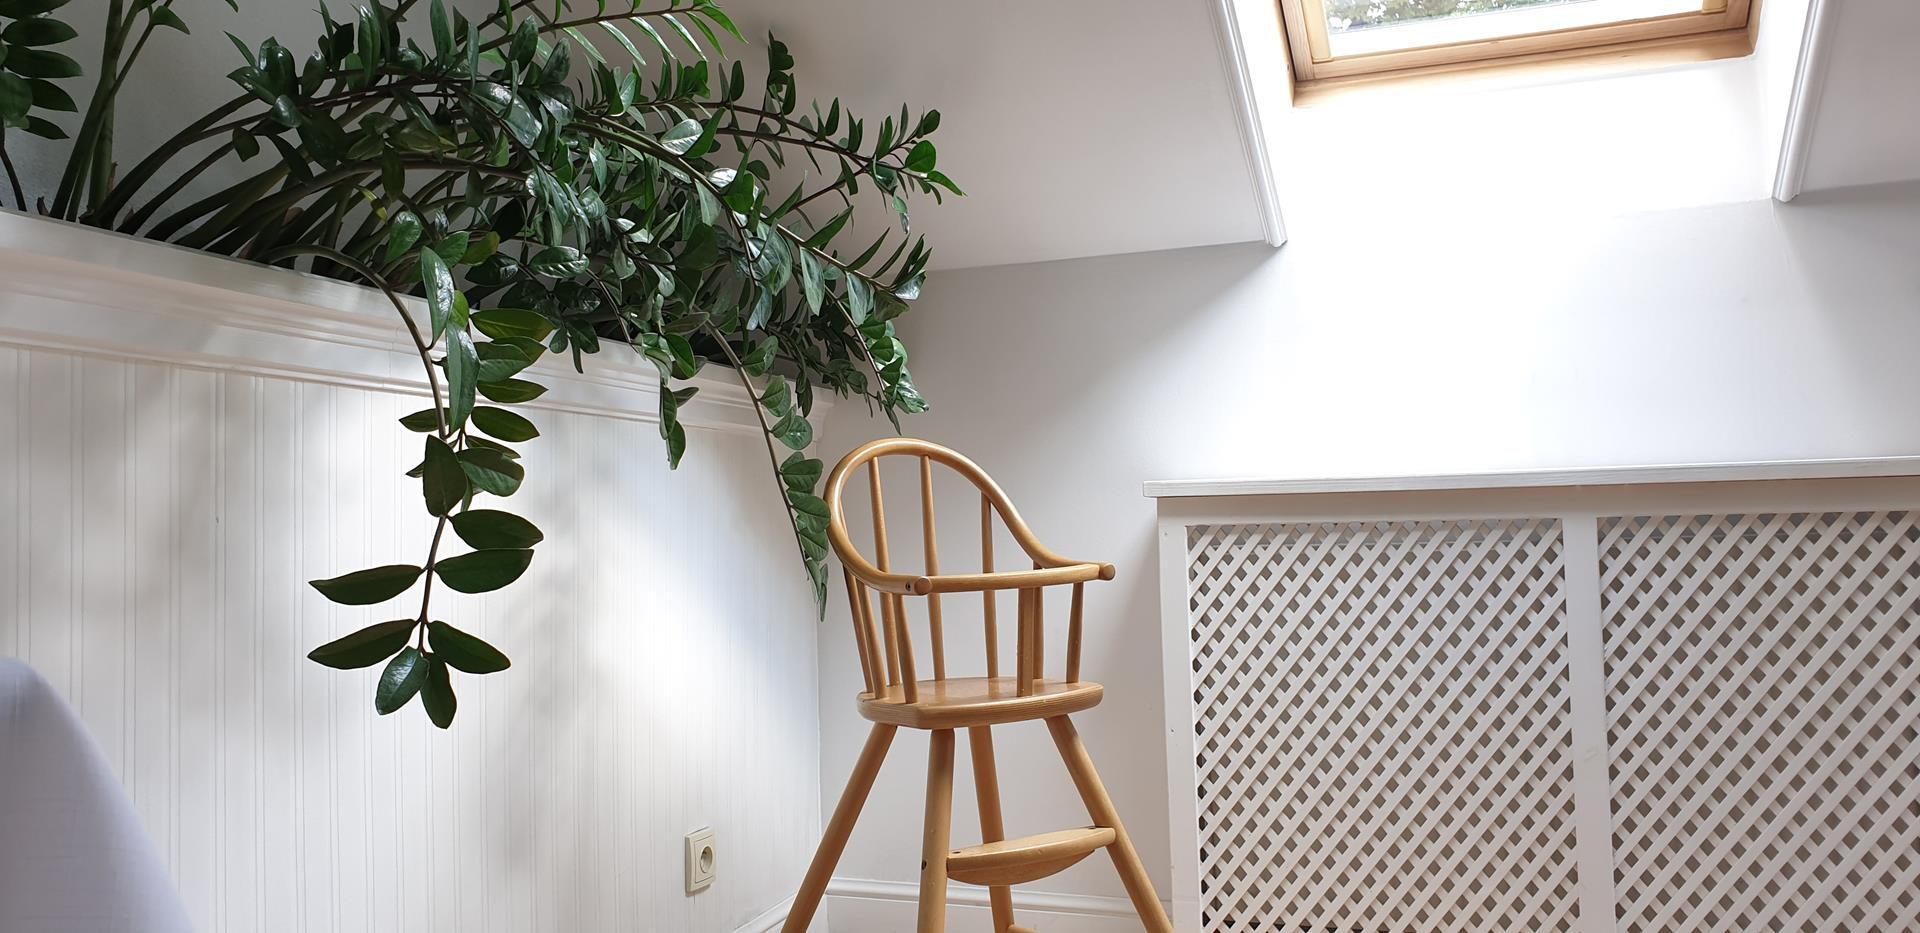 krzesełko dziecięce w hotelu zorza